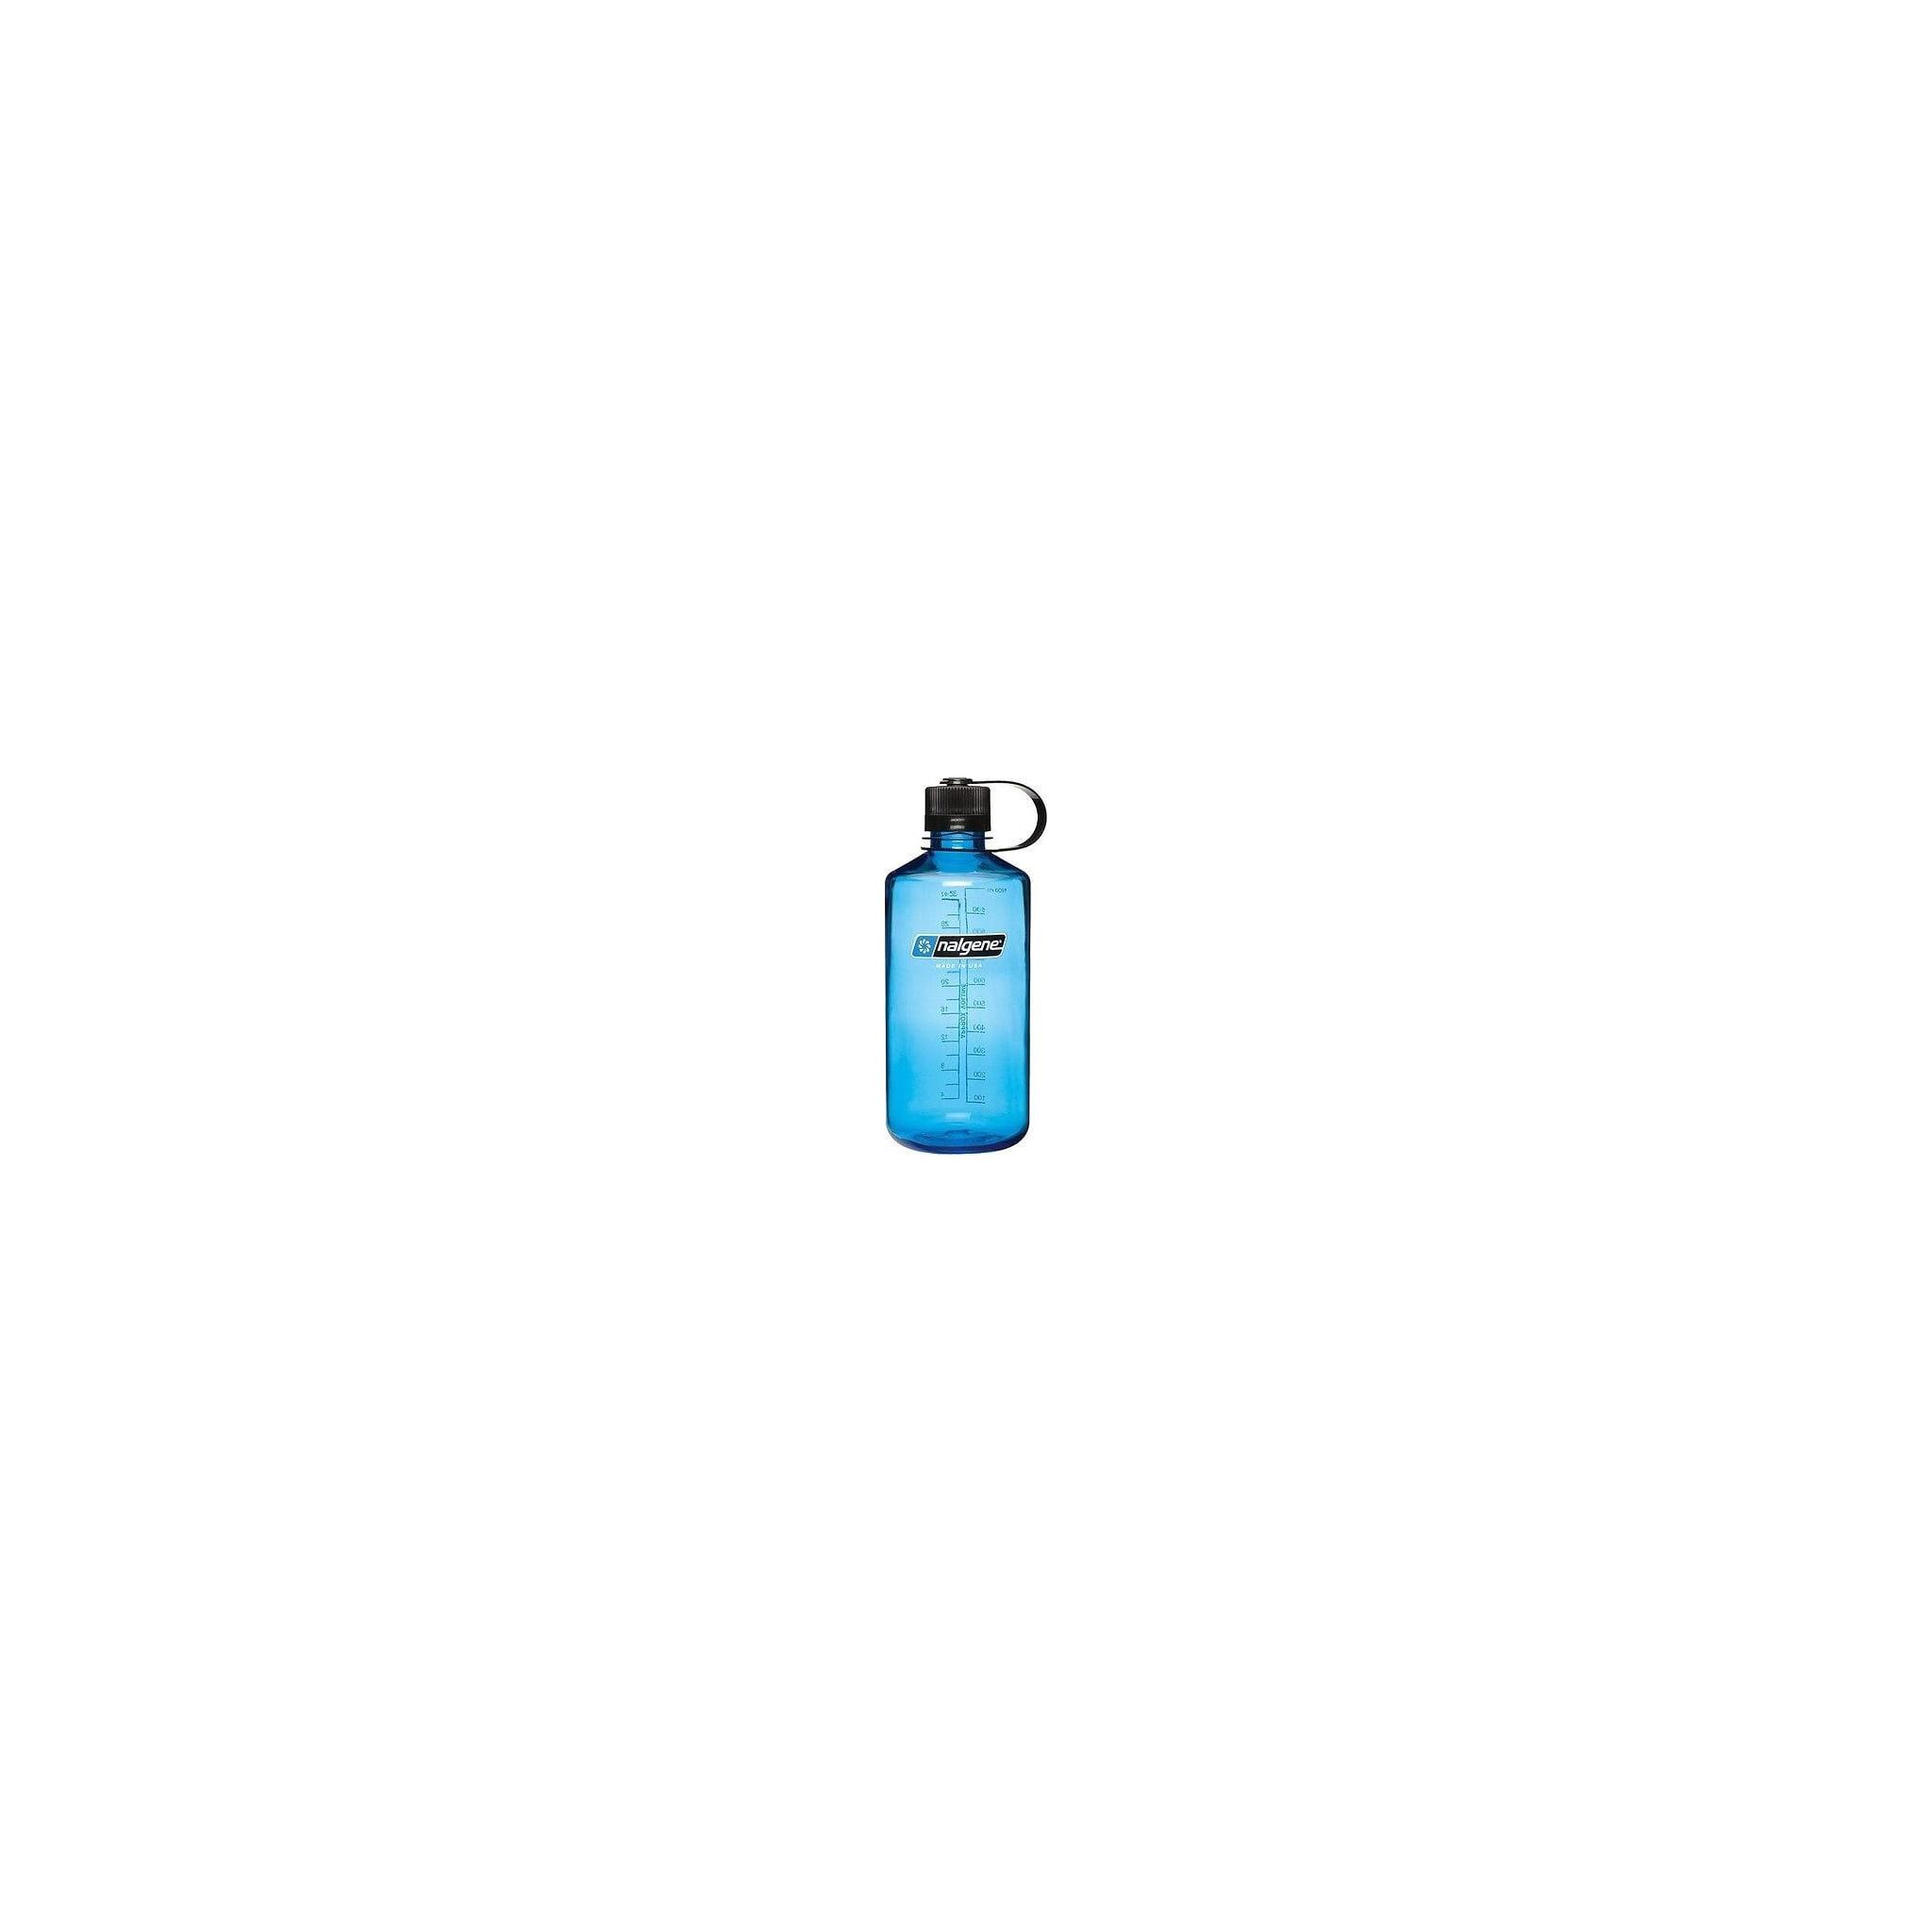 Drikkeflaske på 1 liter